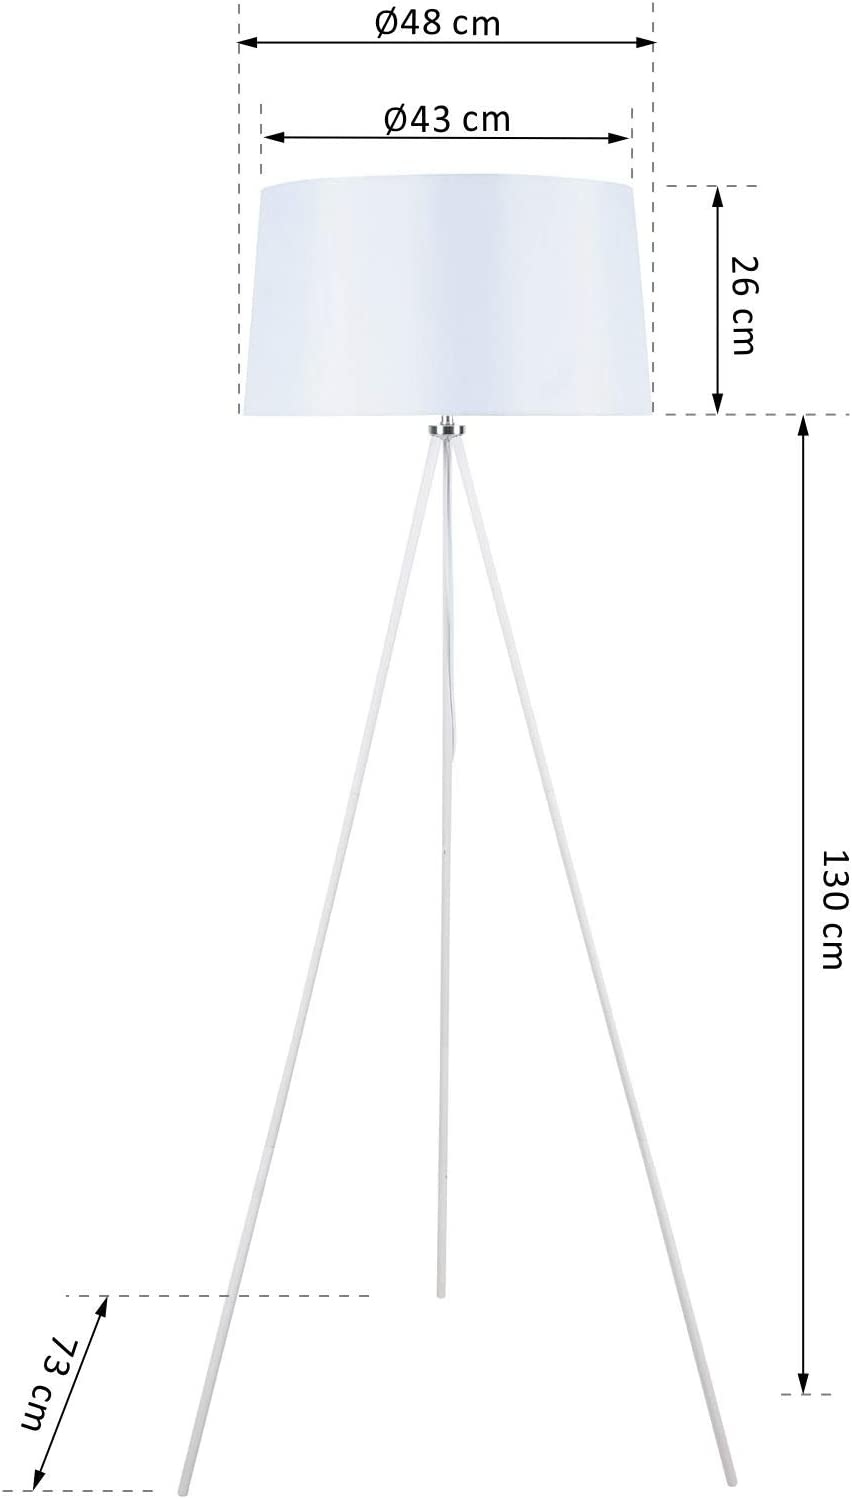 HOMCOM Stehlampe Tripod Schlafzimmer Standleuchte Stehleuchte 40 W Skandinavisch Stoff + Metall schwarz ∅48 x 156 cm Weiß